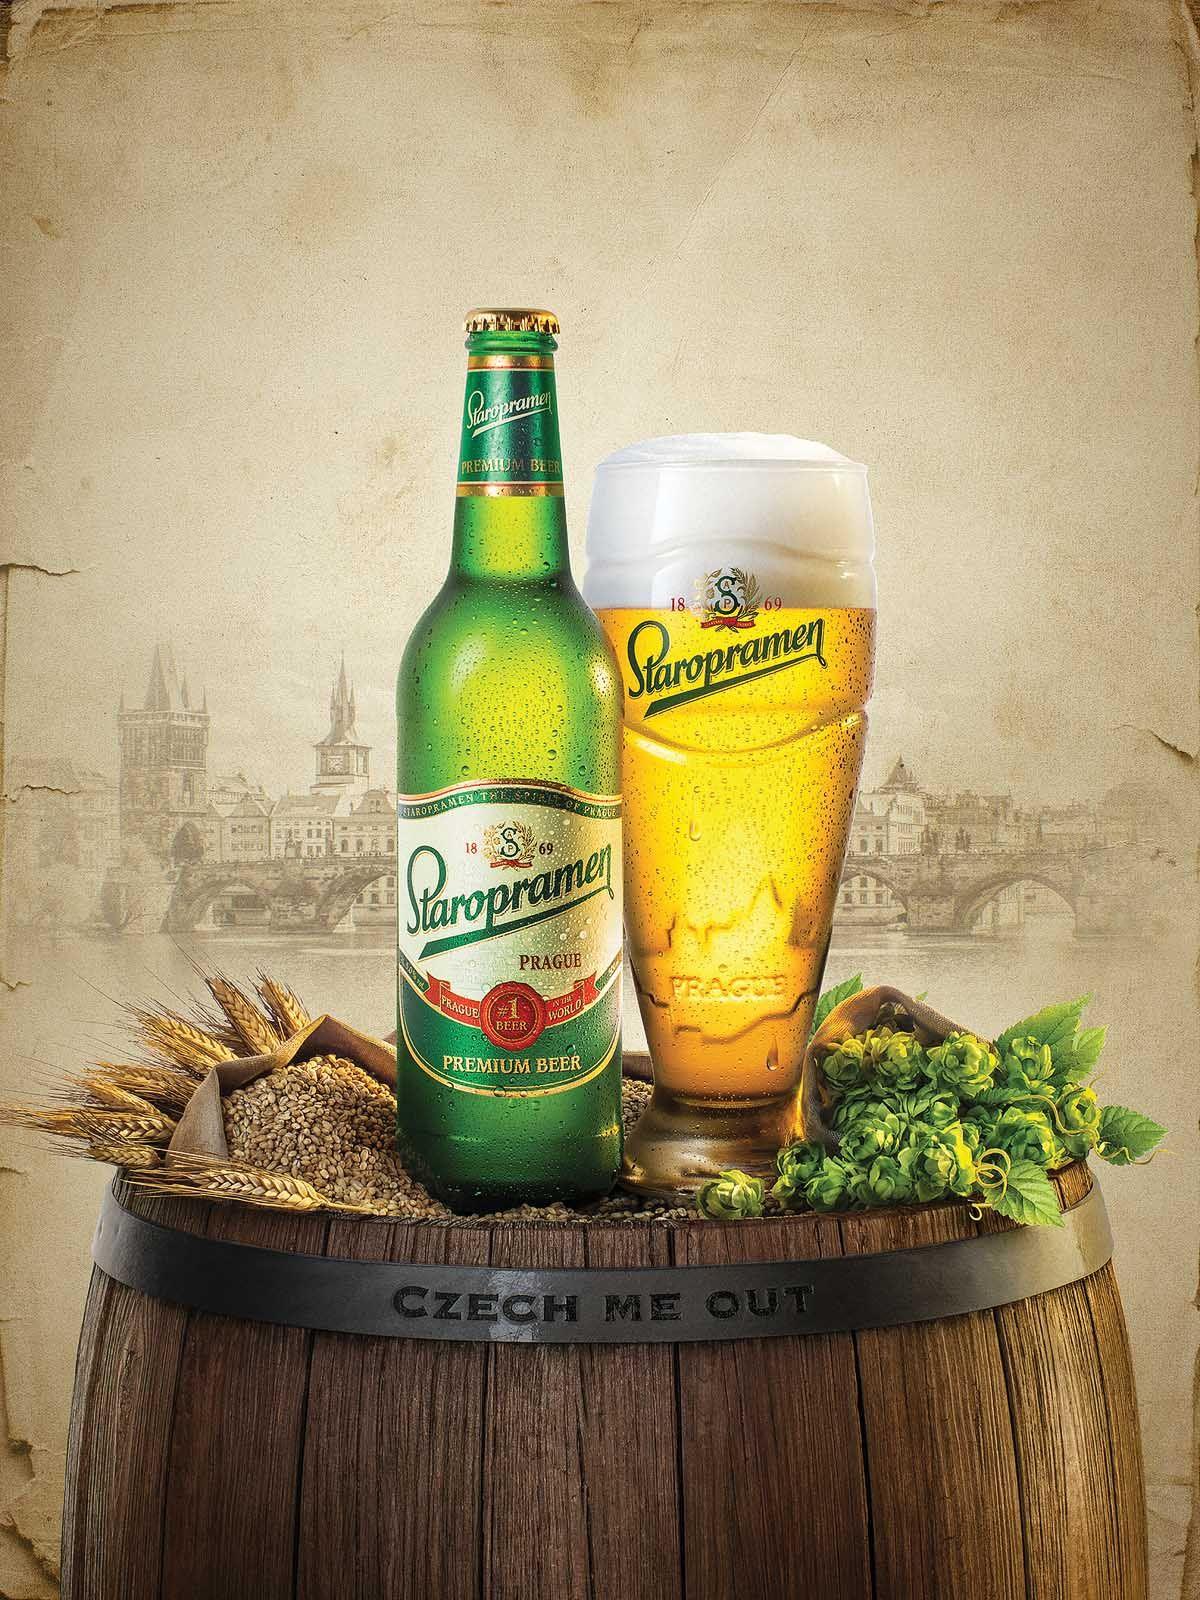 Рекламой пива в картинках